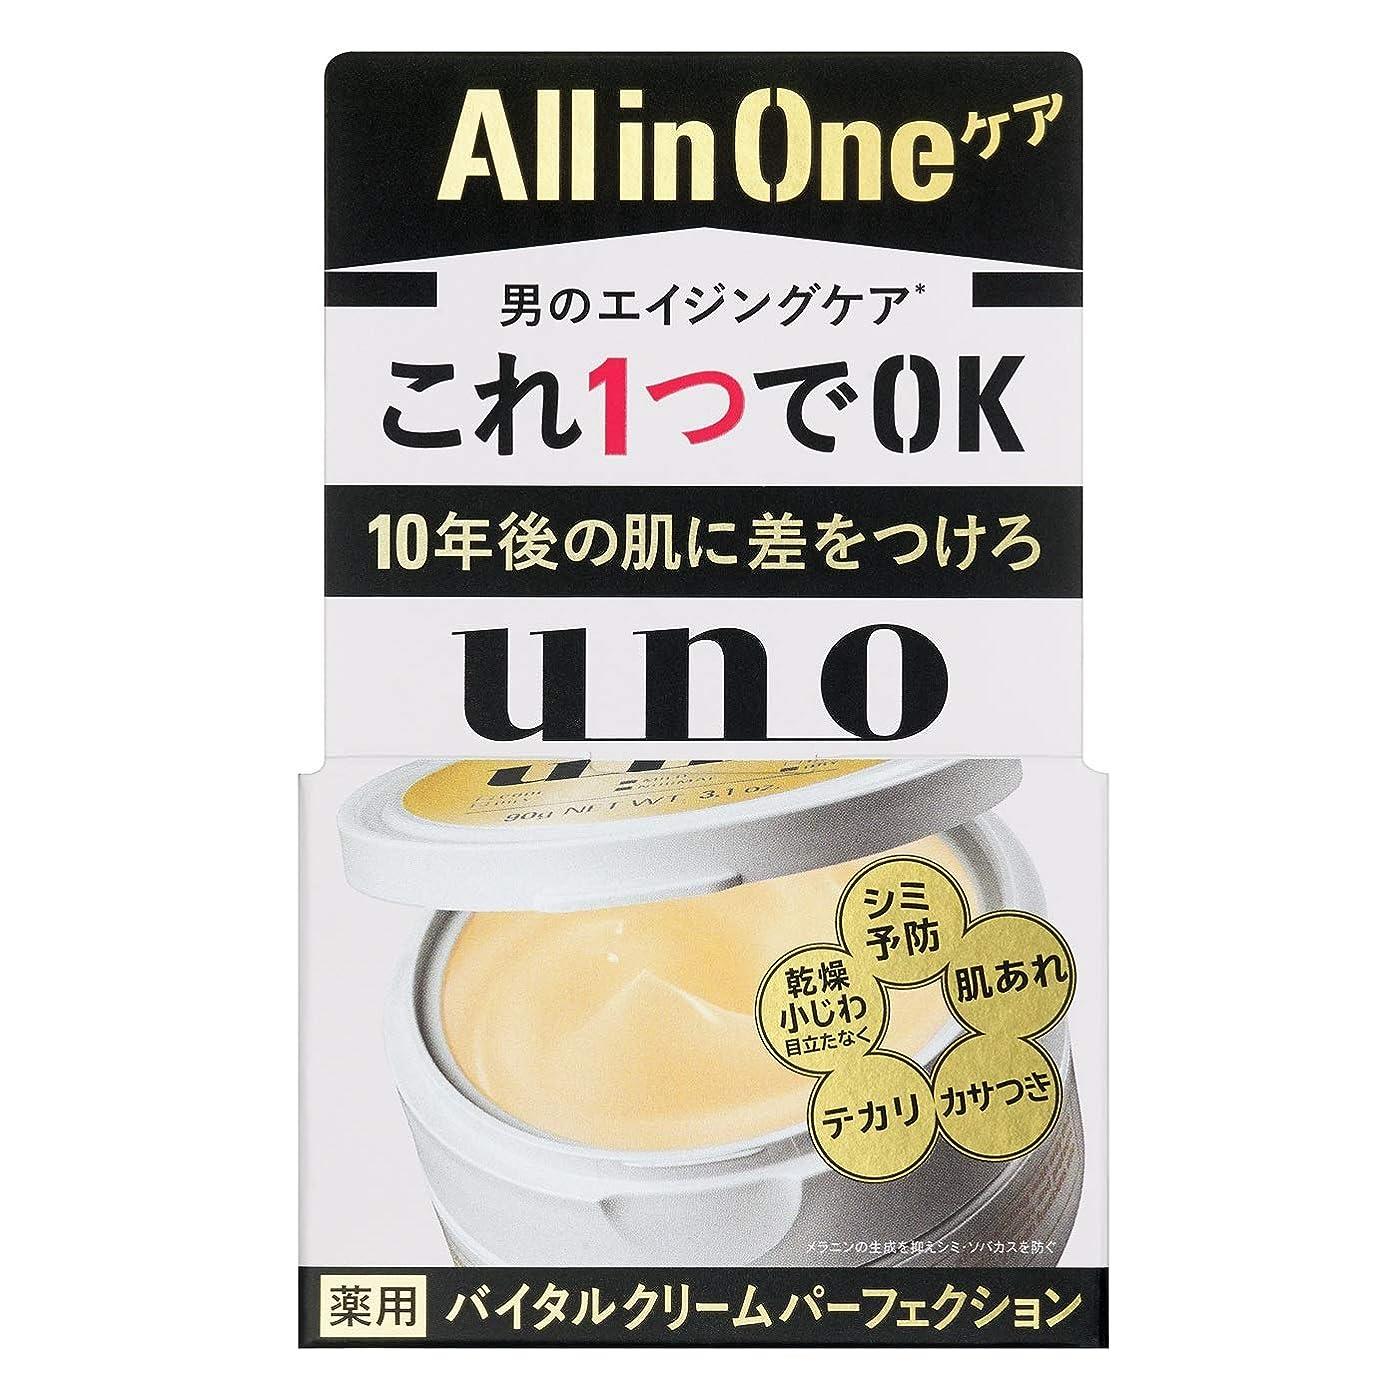 遺産現実には消毒剤UNO(ウーノ) ウーノ バイタルクリームパーフェクション 90g オールインワン シトラスグリーンの香り(微香性)